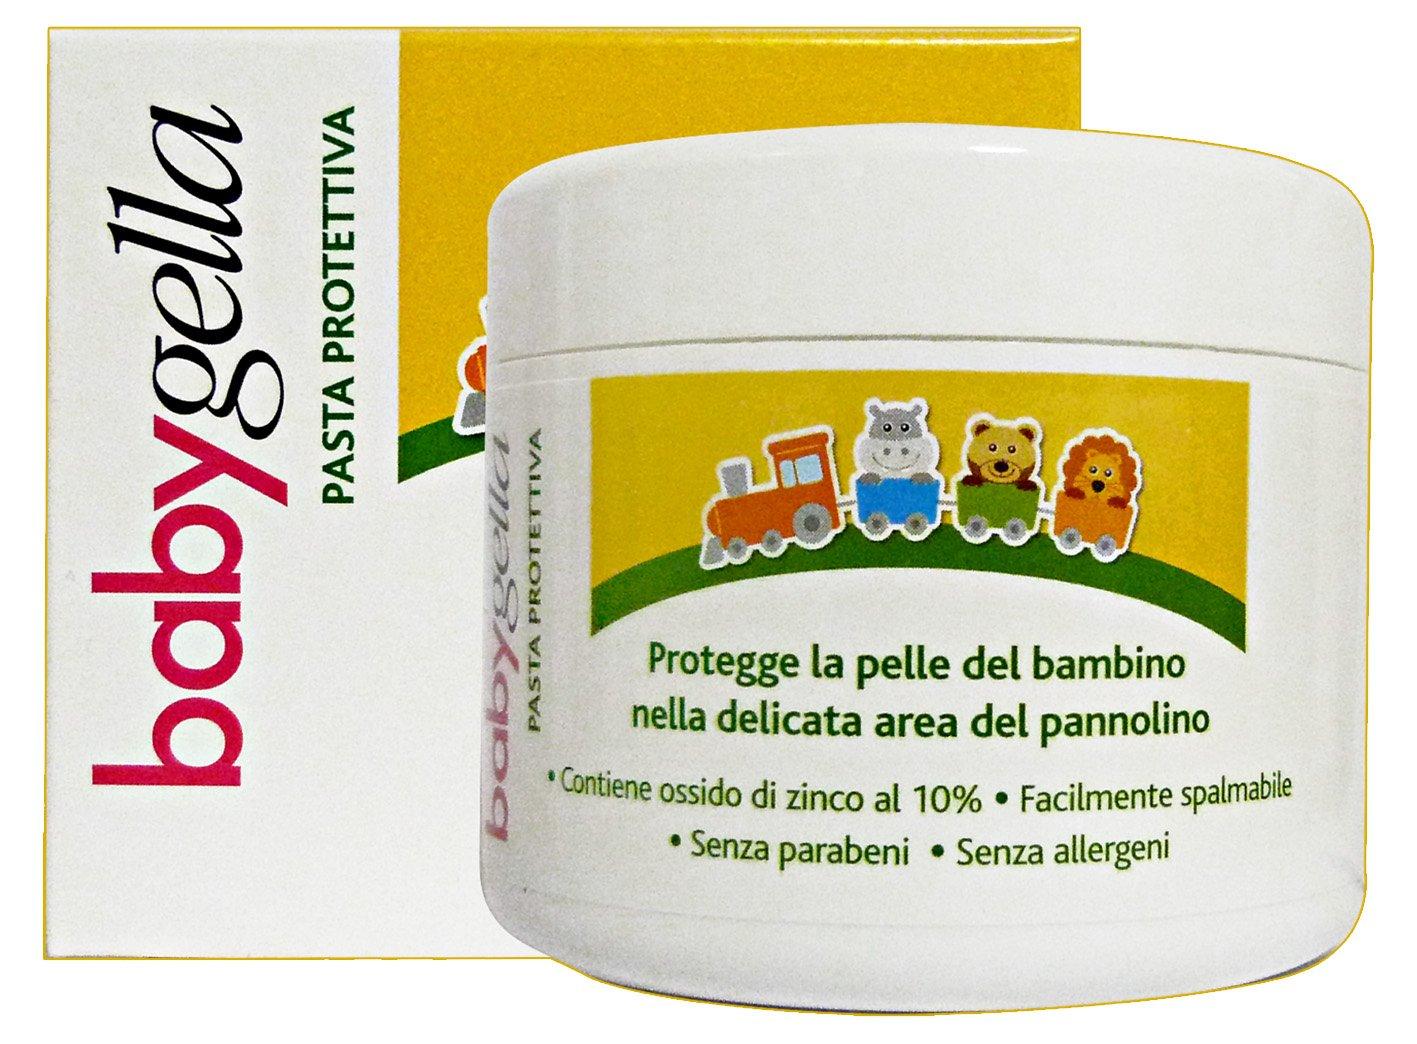 Creme Pasta Protettiva Con Olio Di Mandorle Dolci E Ossido Di Zinco Vaso 150 Ml BABYGELLA BBG00012